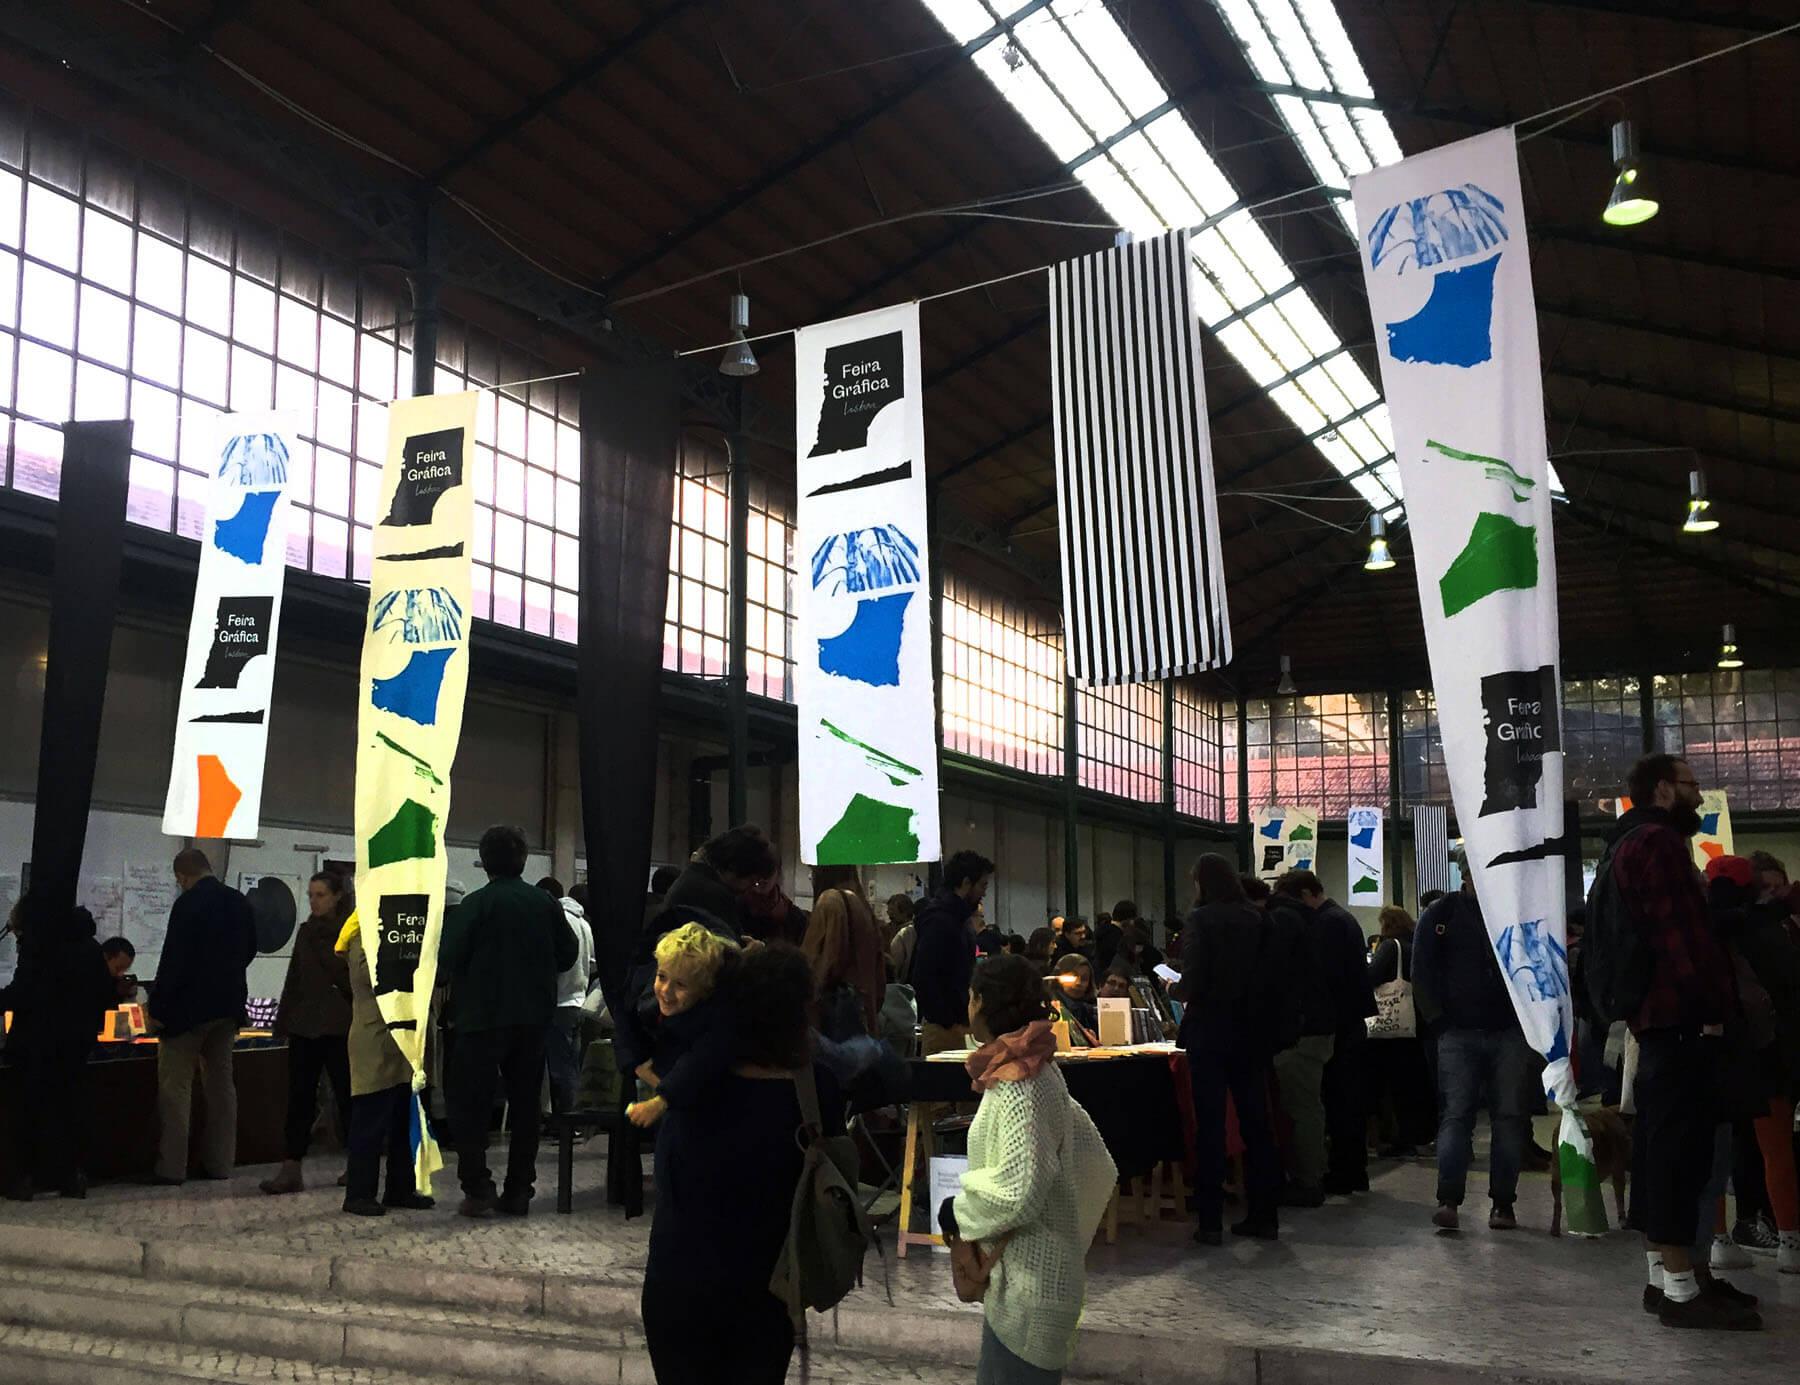 feira grafica 2018 isabel lucena 05